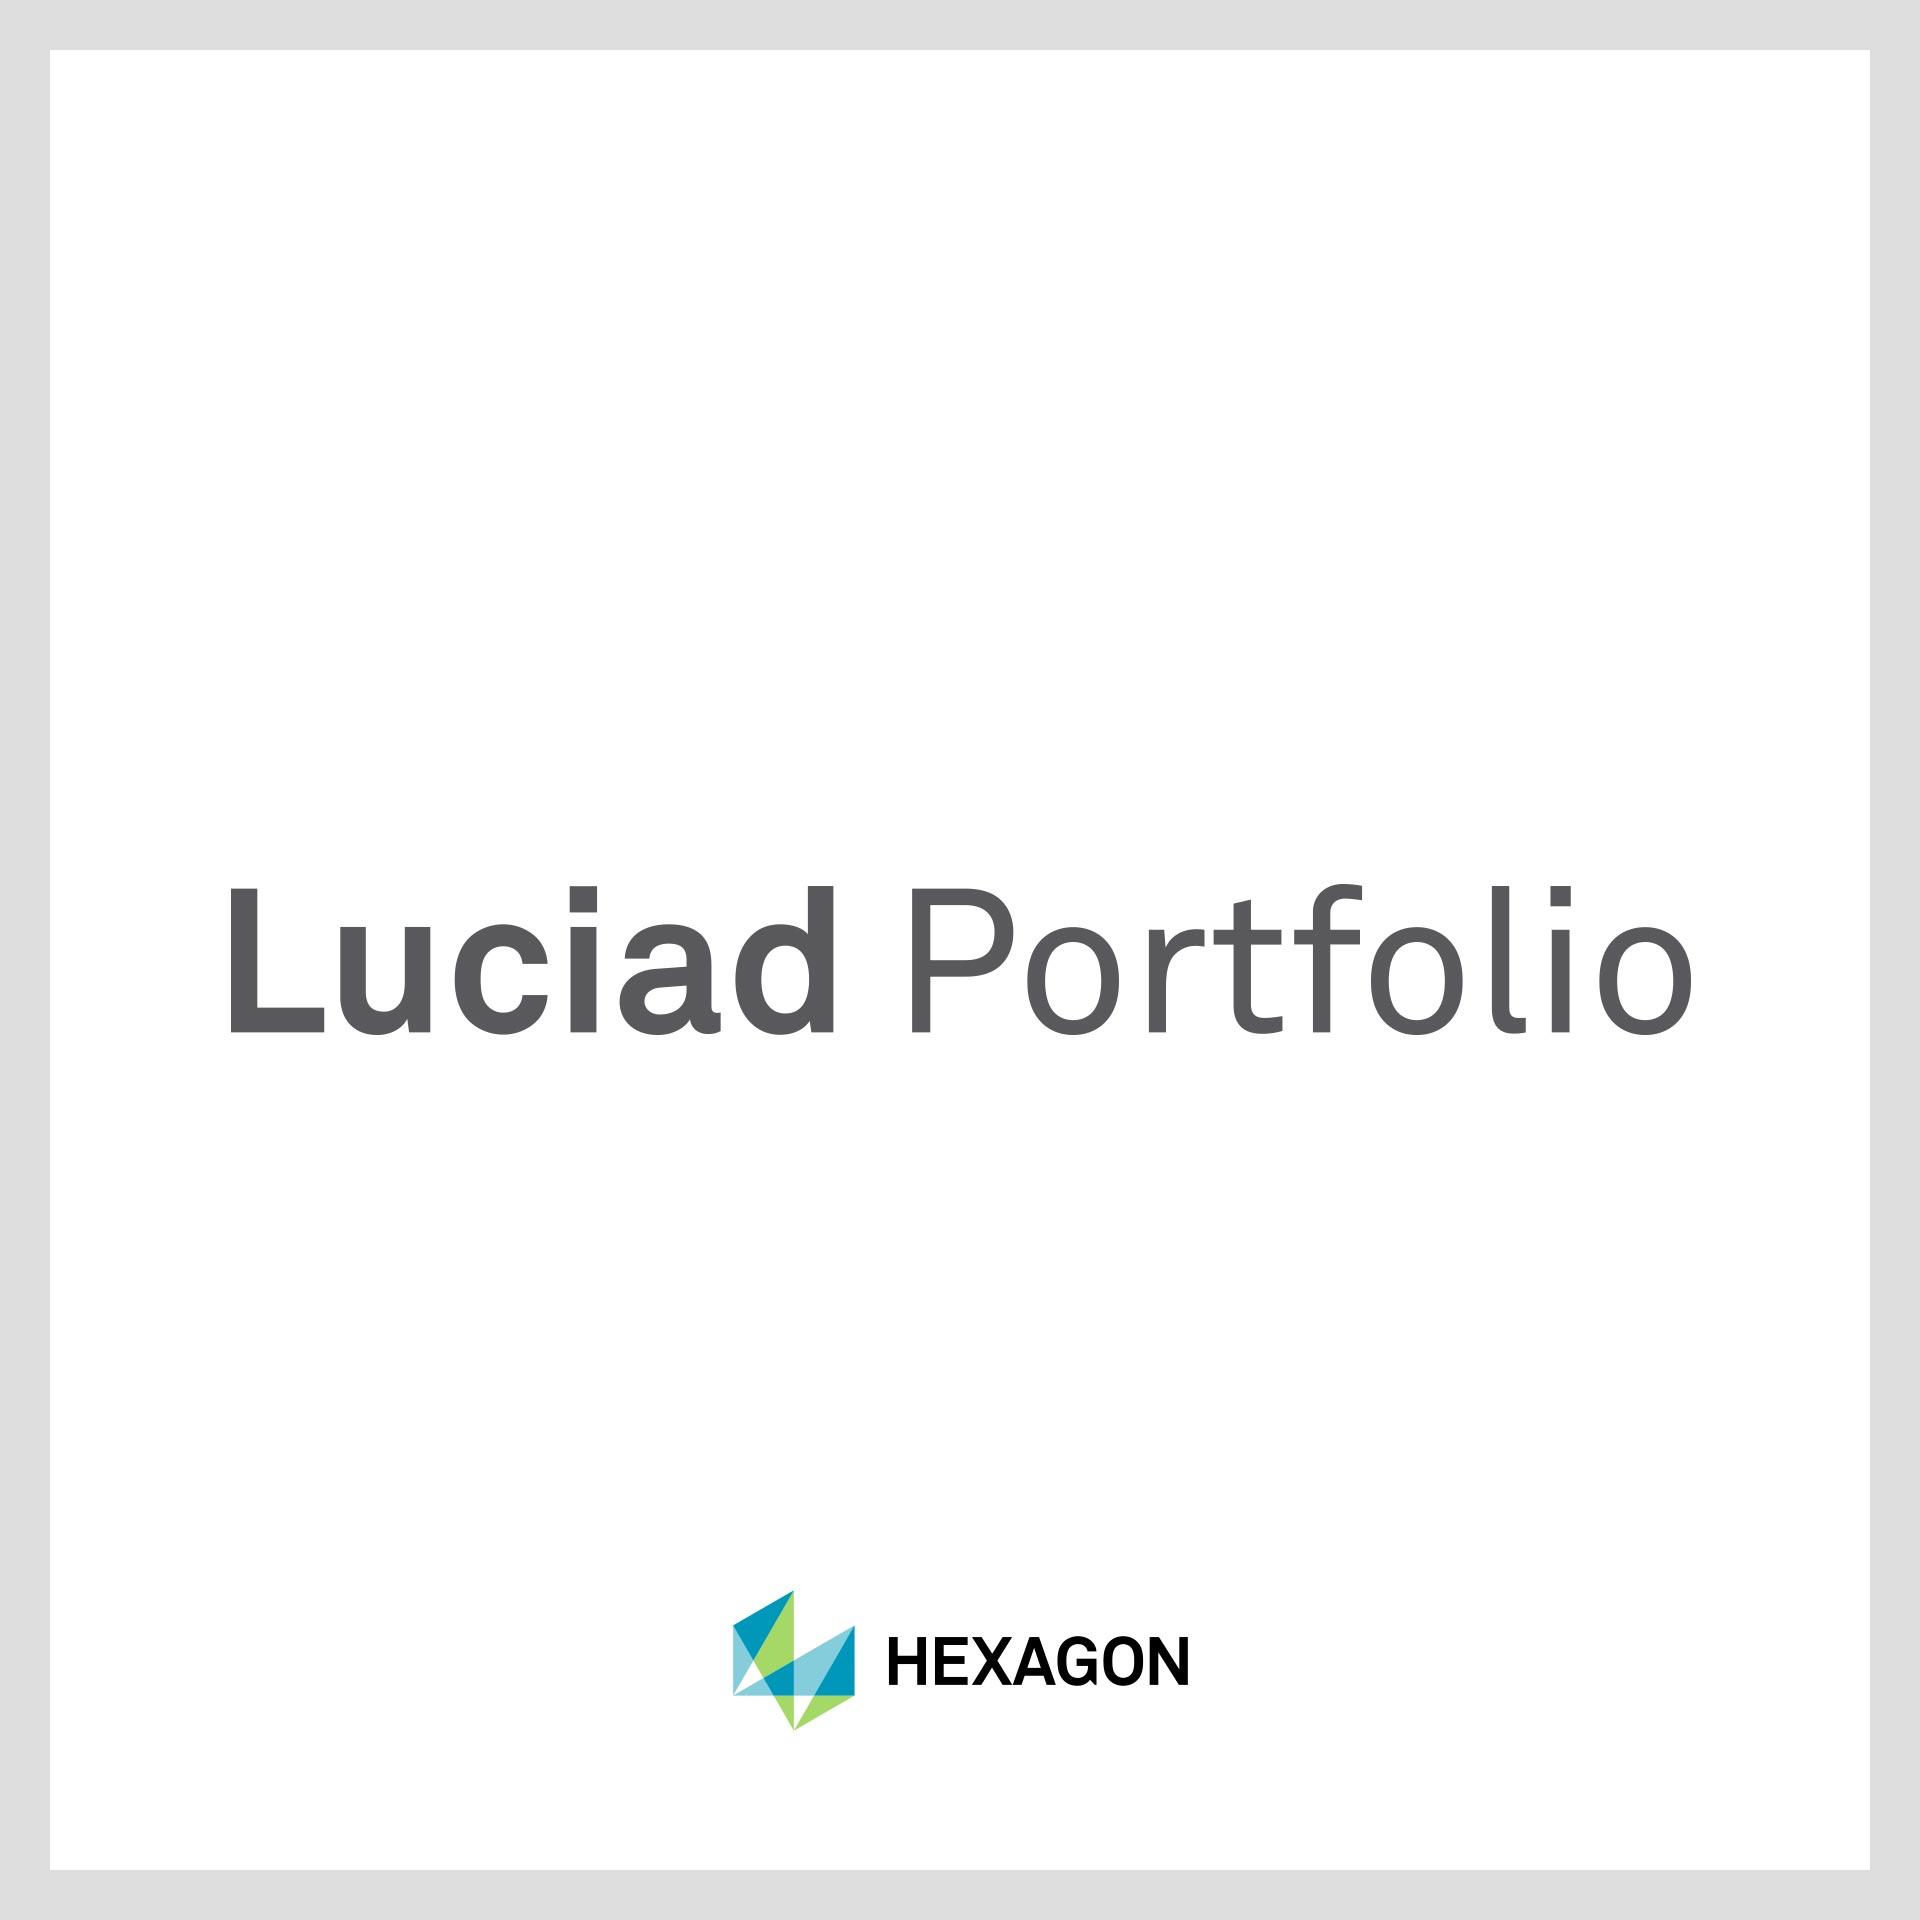 Luciad Portfolio technologie